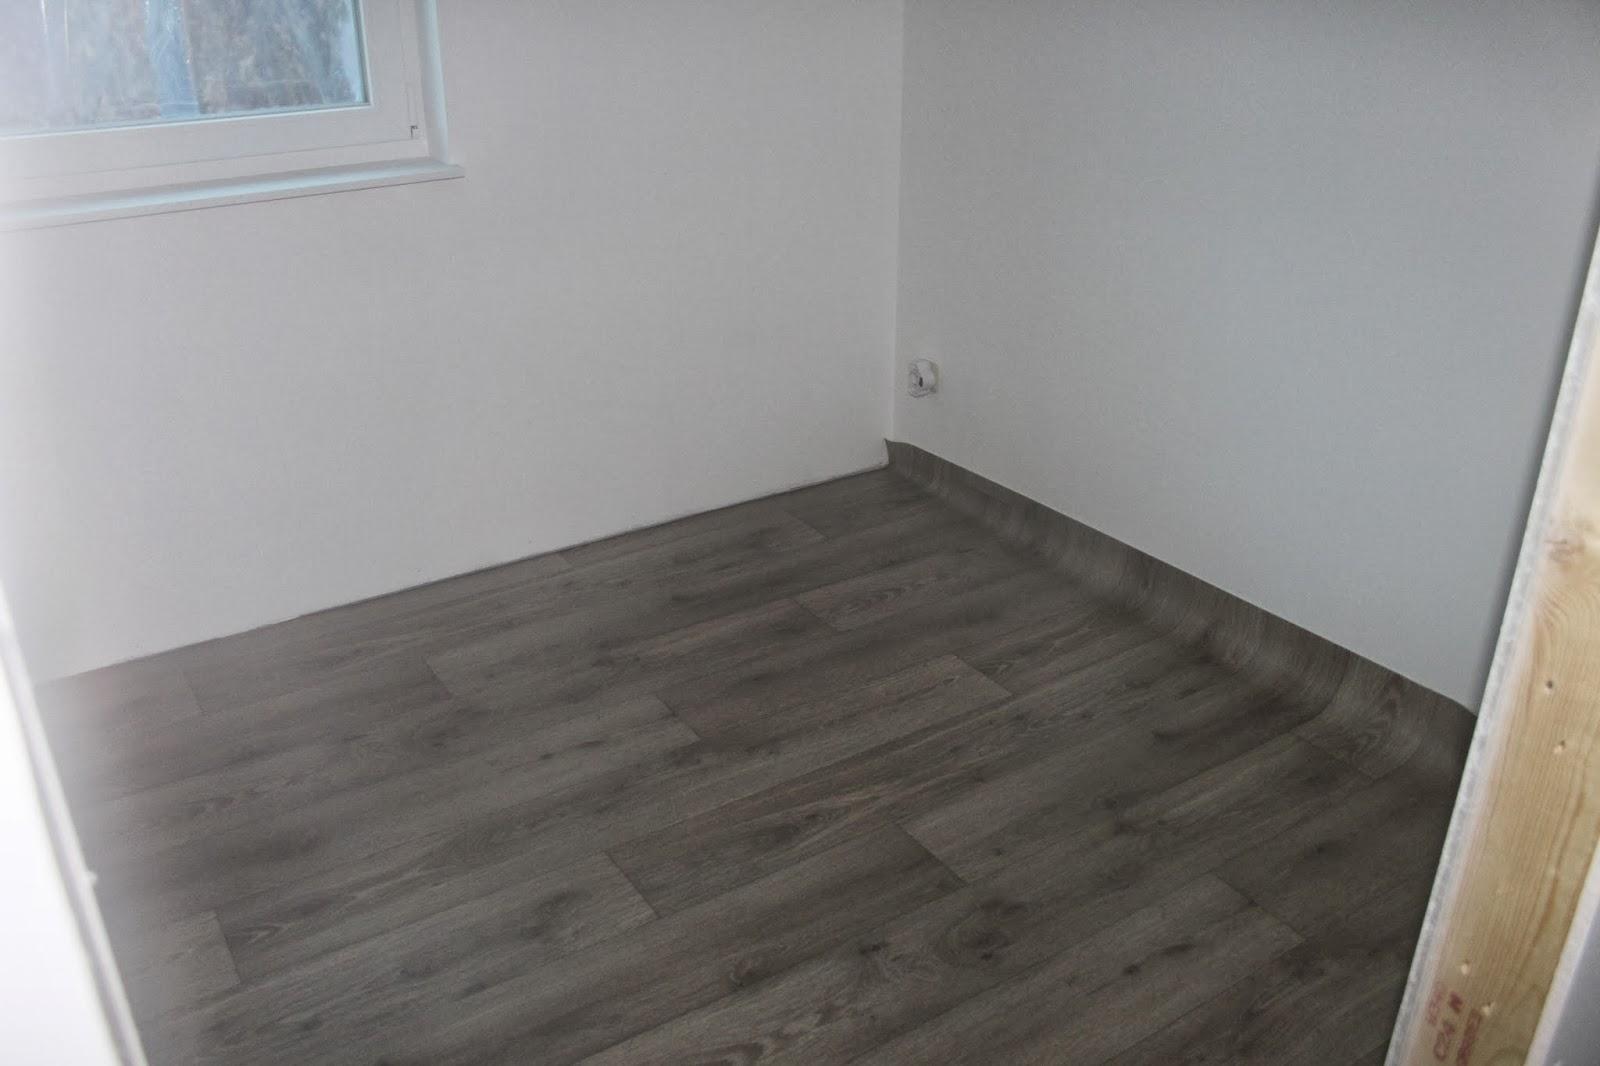 Fußboden Modern Talking ~ Vinyl fußboden küche » bodenbelag kuche vinyl größten with